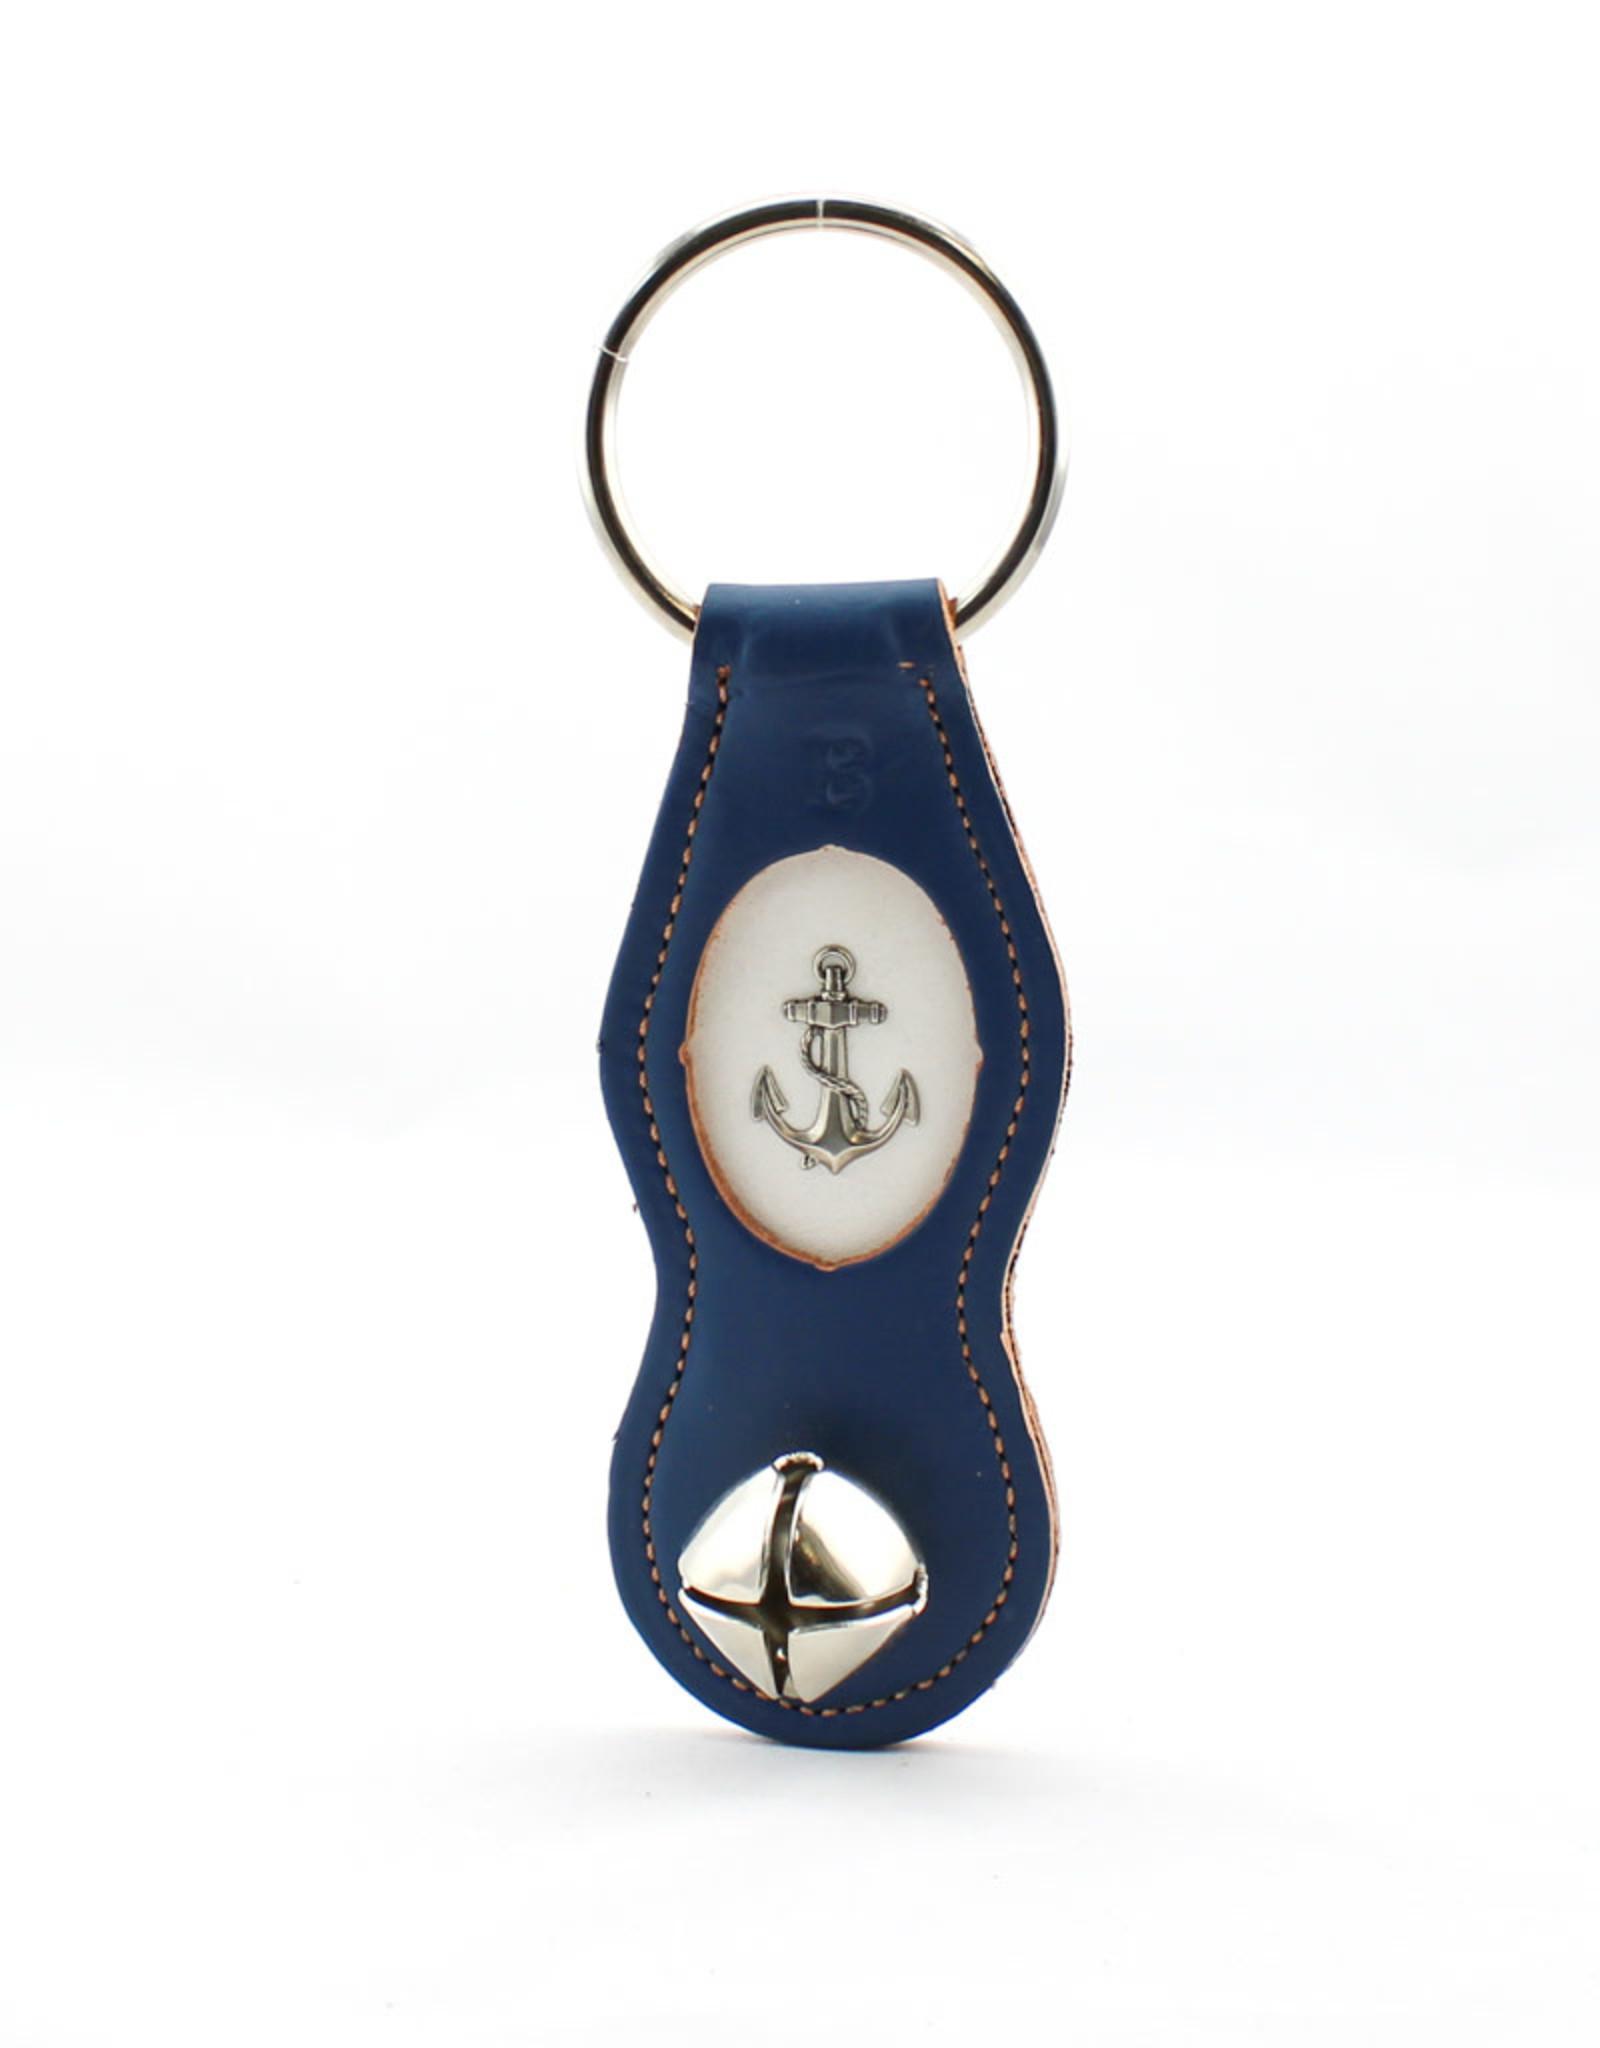 Belsnickel Bells Nautical Door Bell